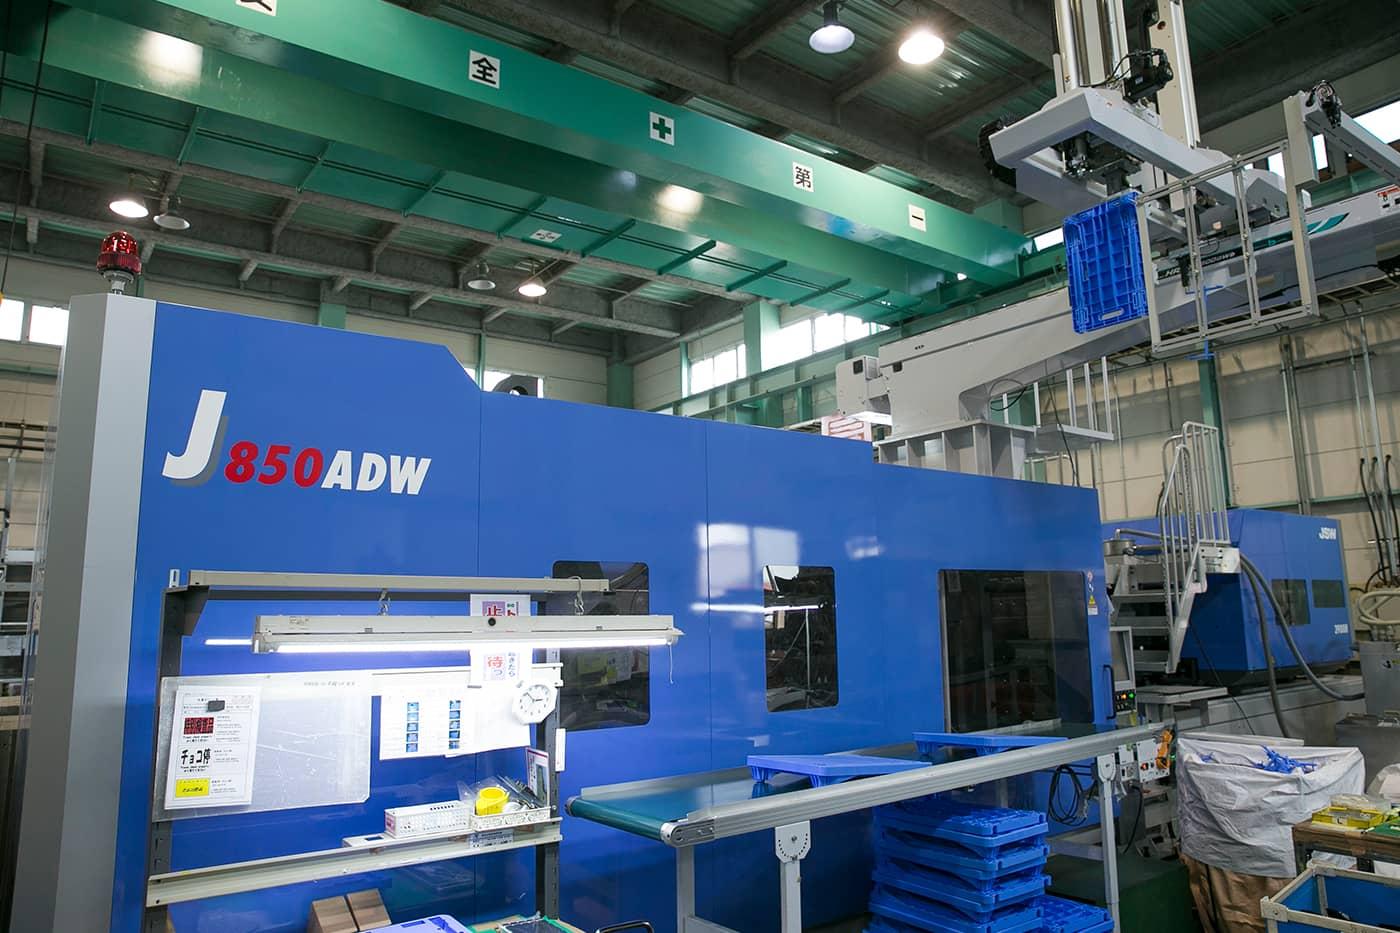 数々のものづくりで積み上げた樹脂成形加工の技術が台車の開発にも活きている。